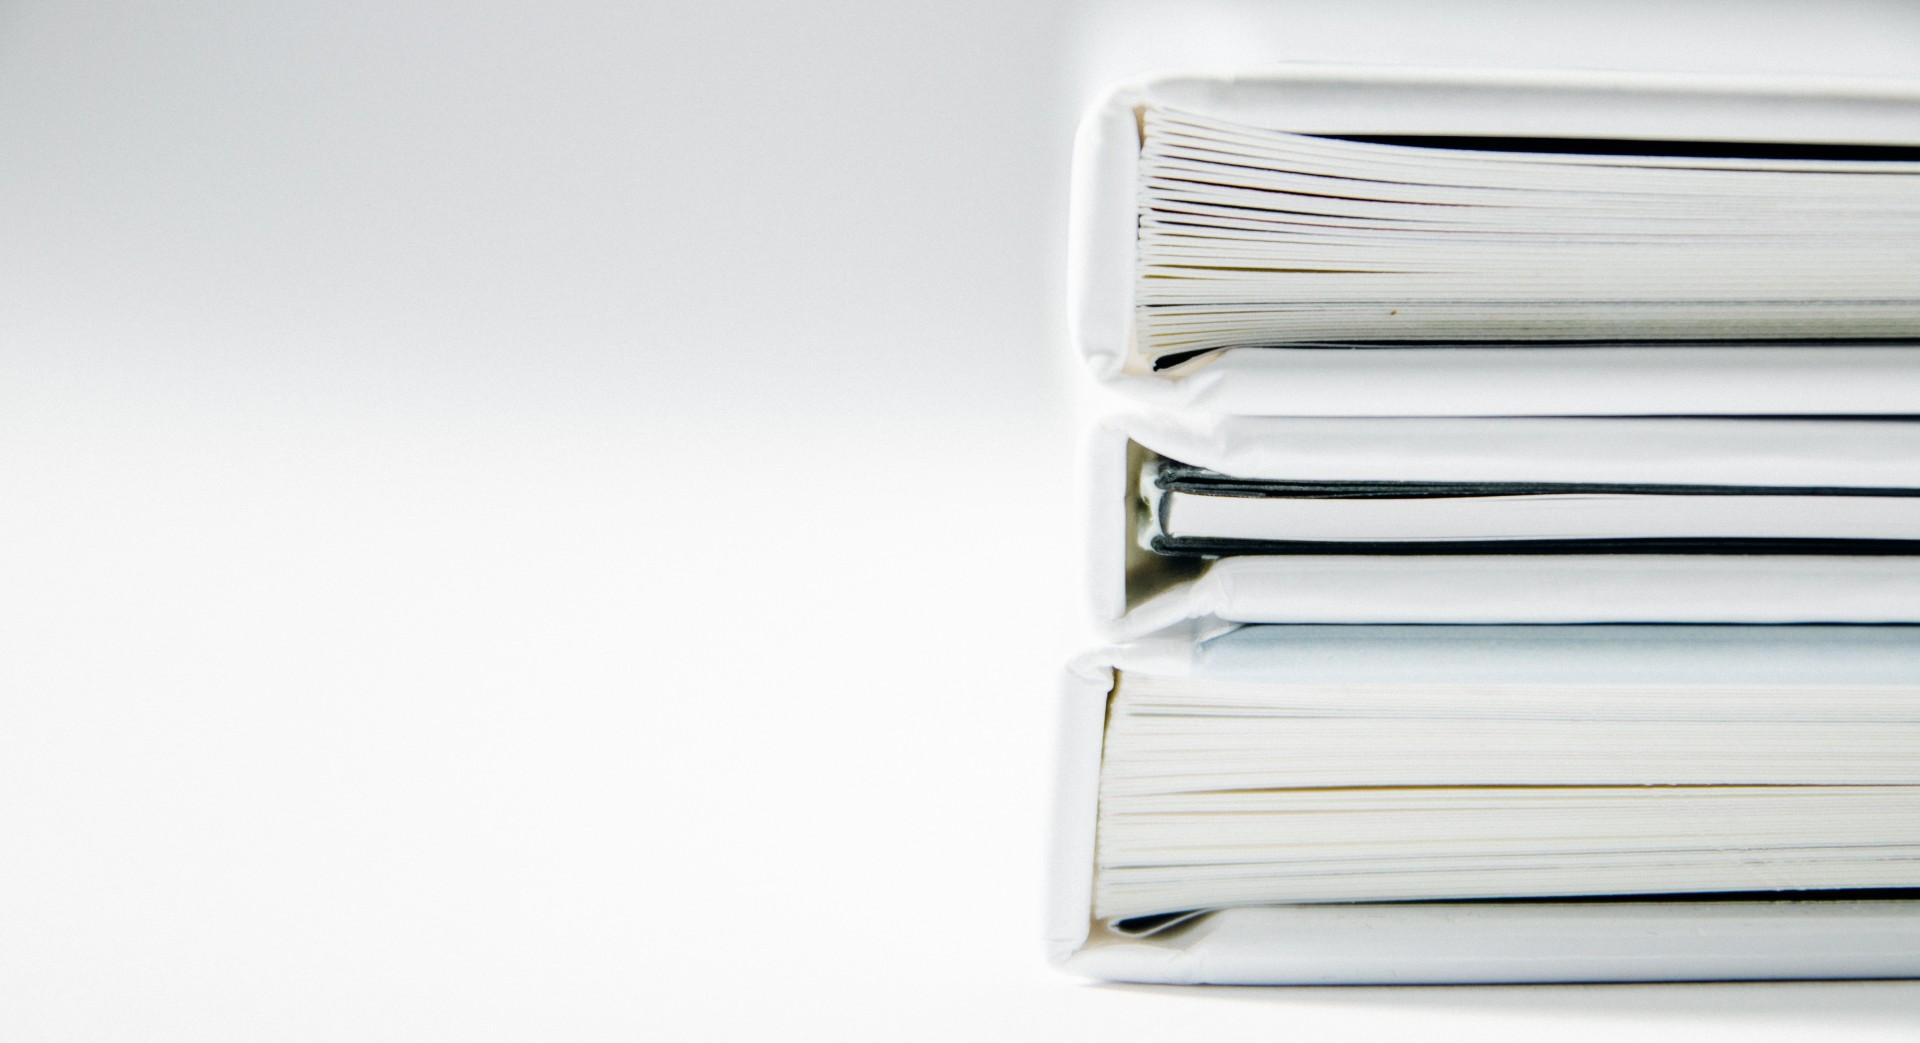 documentos organizados em fichario